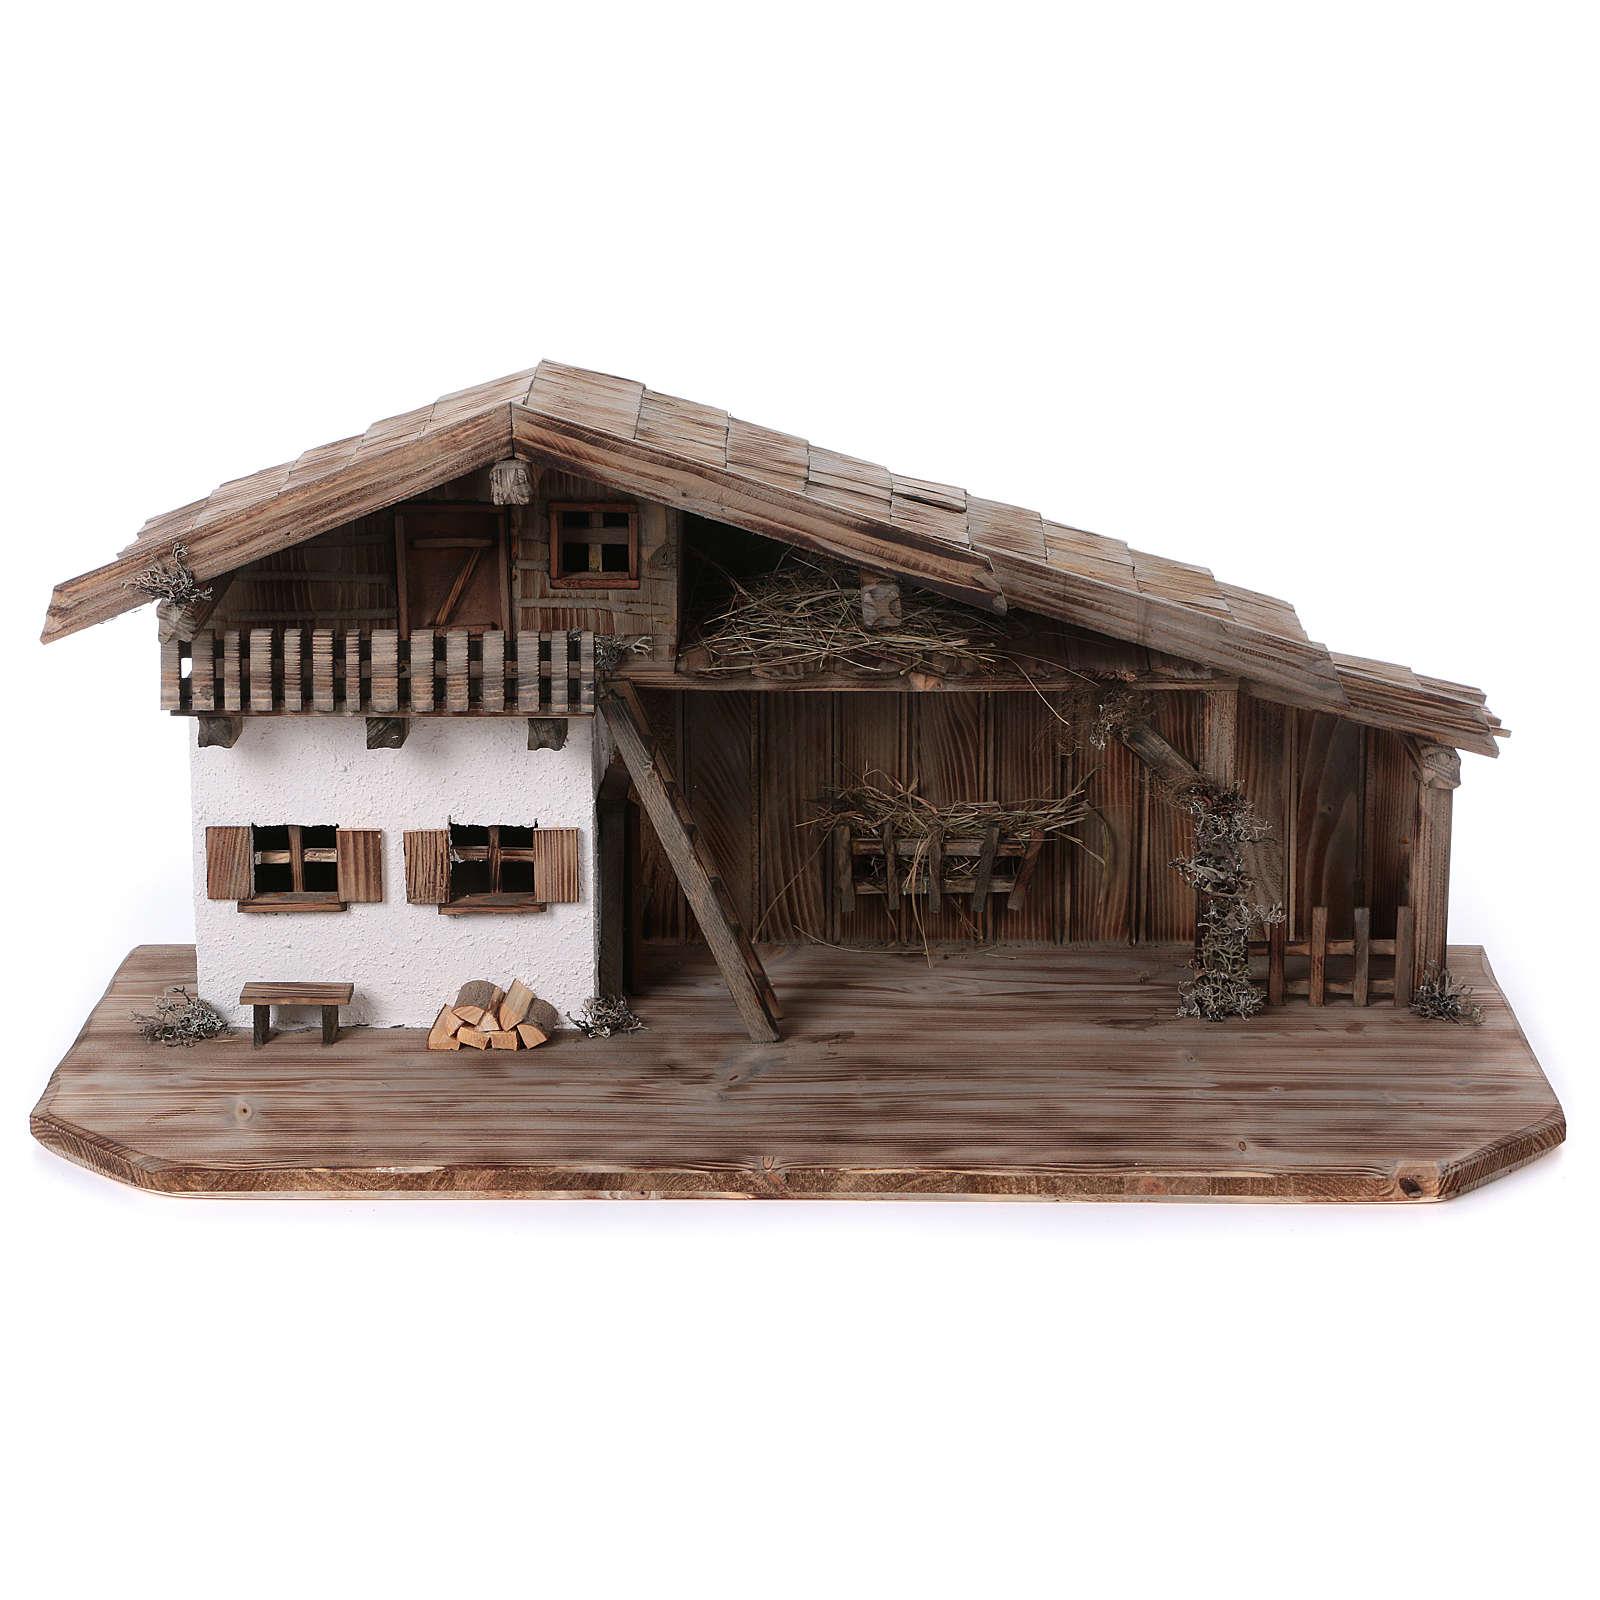 Étable modèle Bogen en bois pour crèche 11-15 cm 4